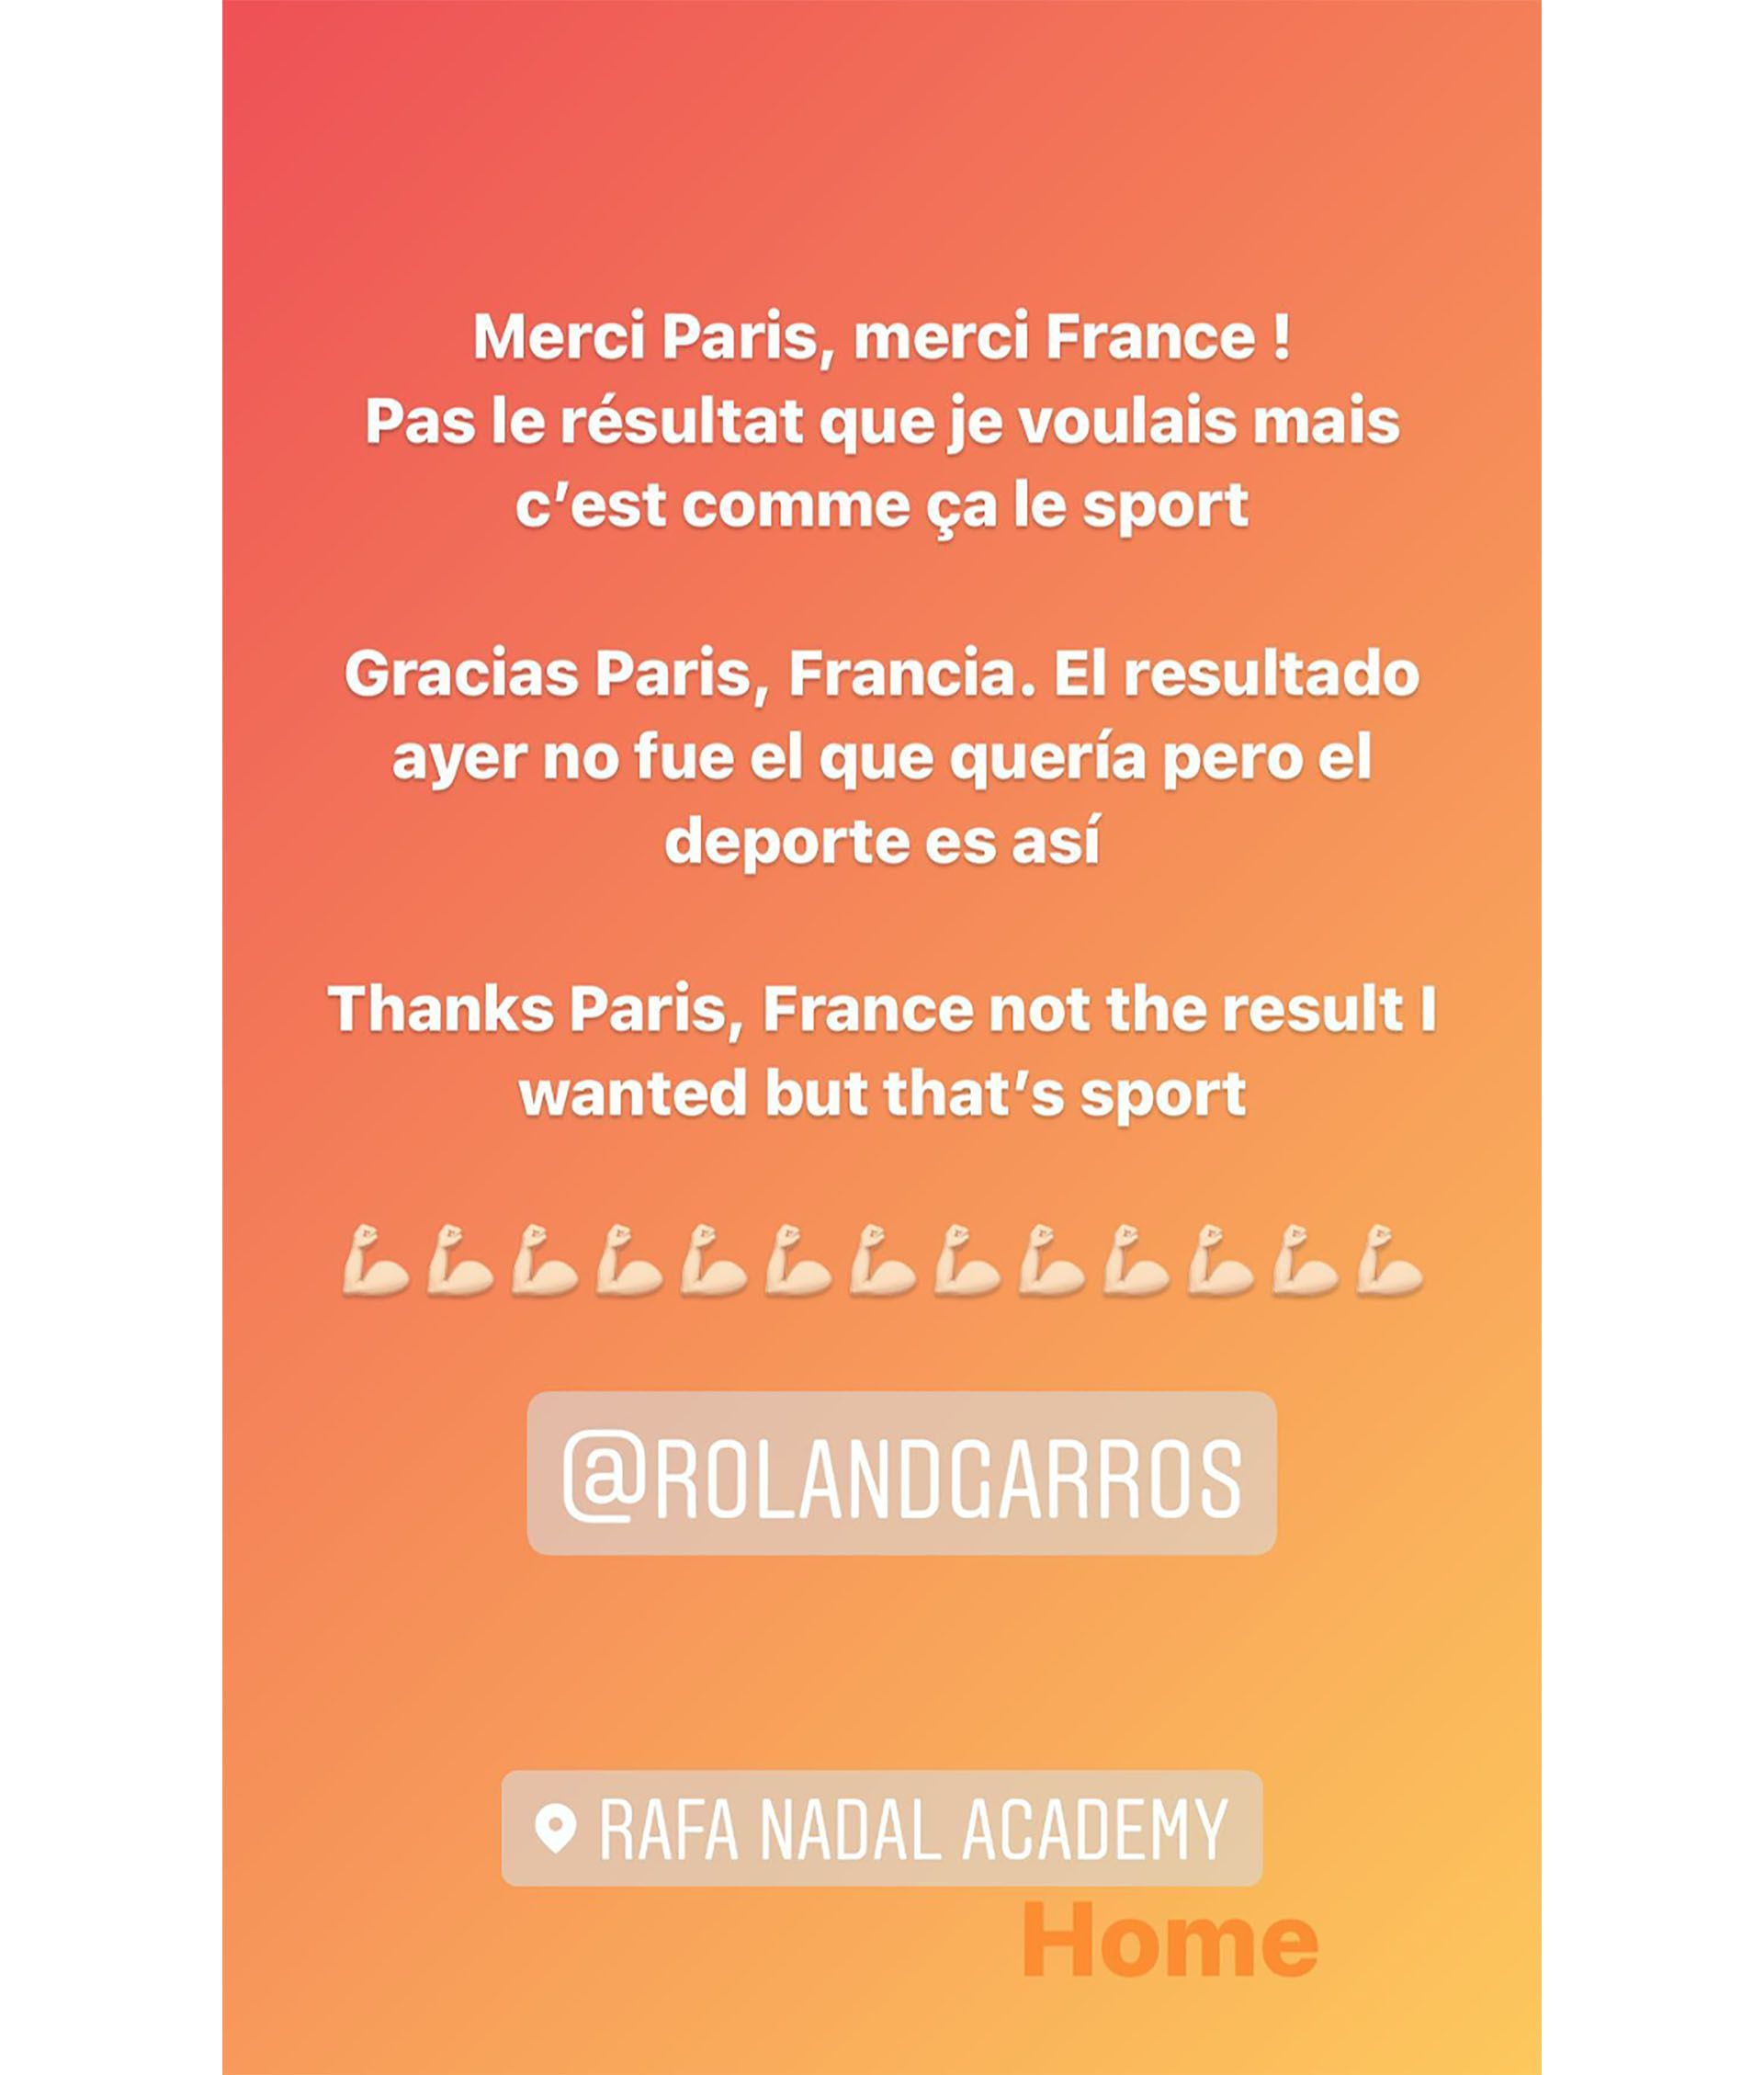 Posteo de Rafa Nadal despues de perder en Roland Garros